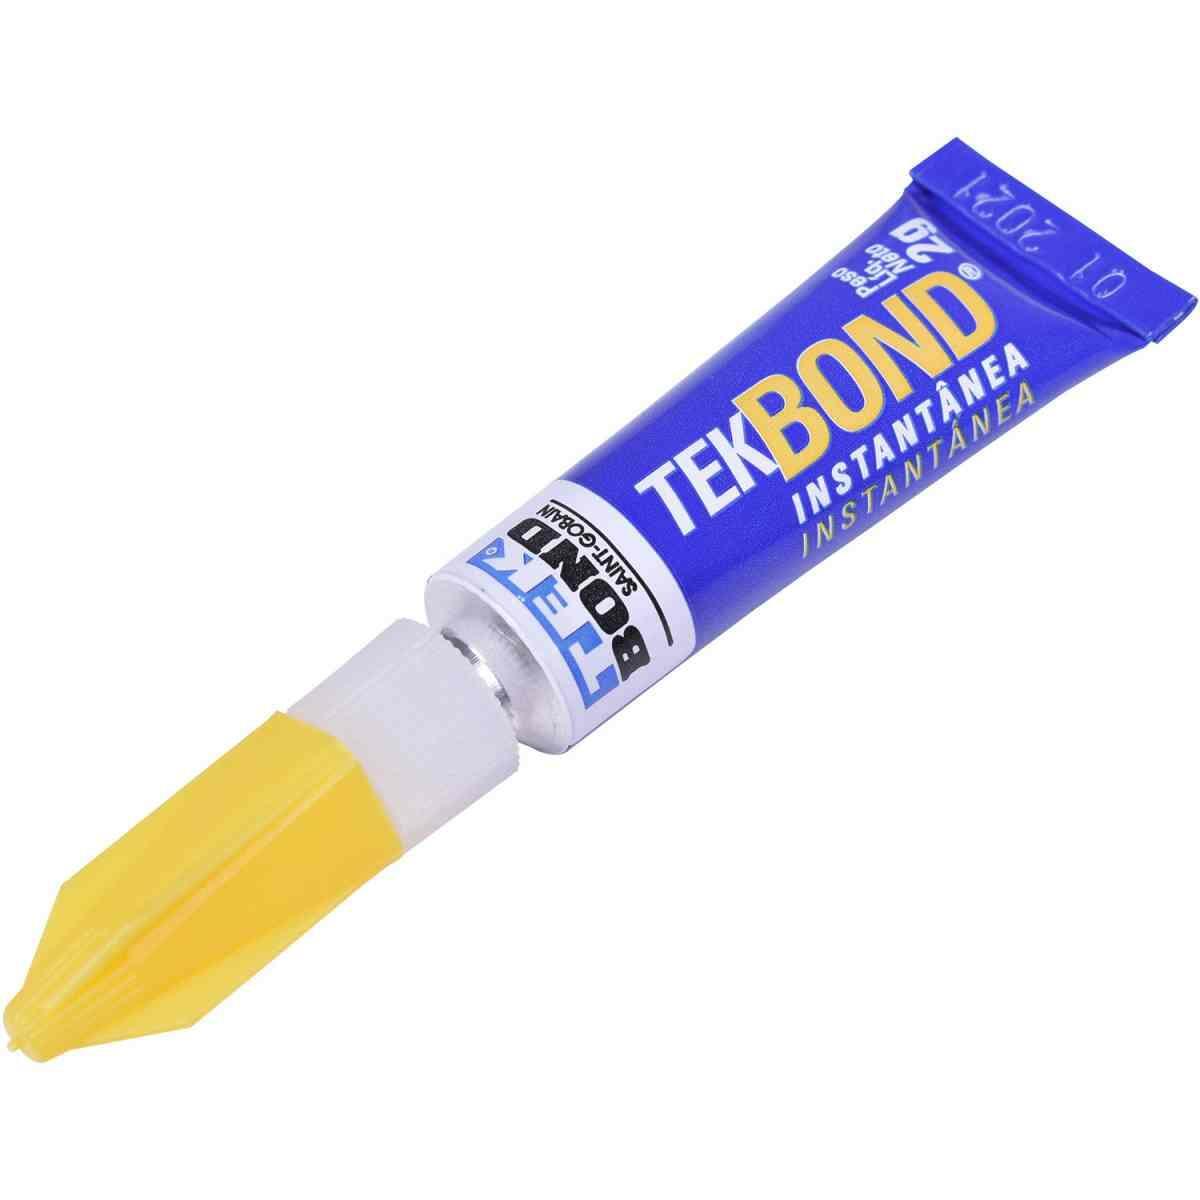 Adesivo Instantâneo 2G Tekbond